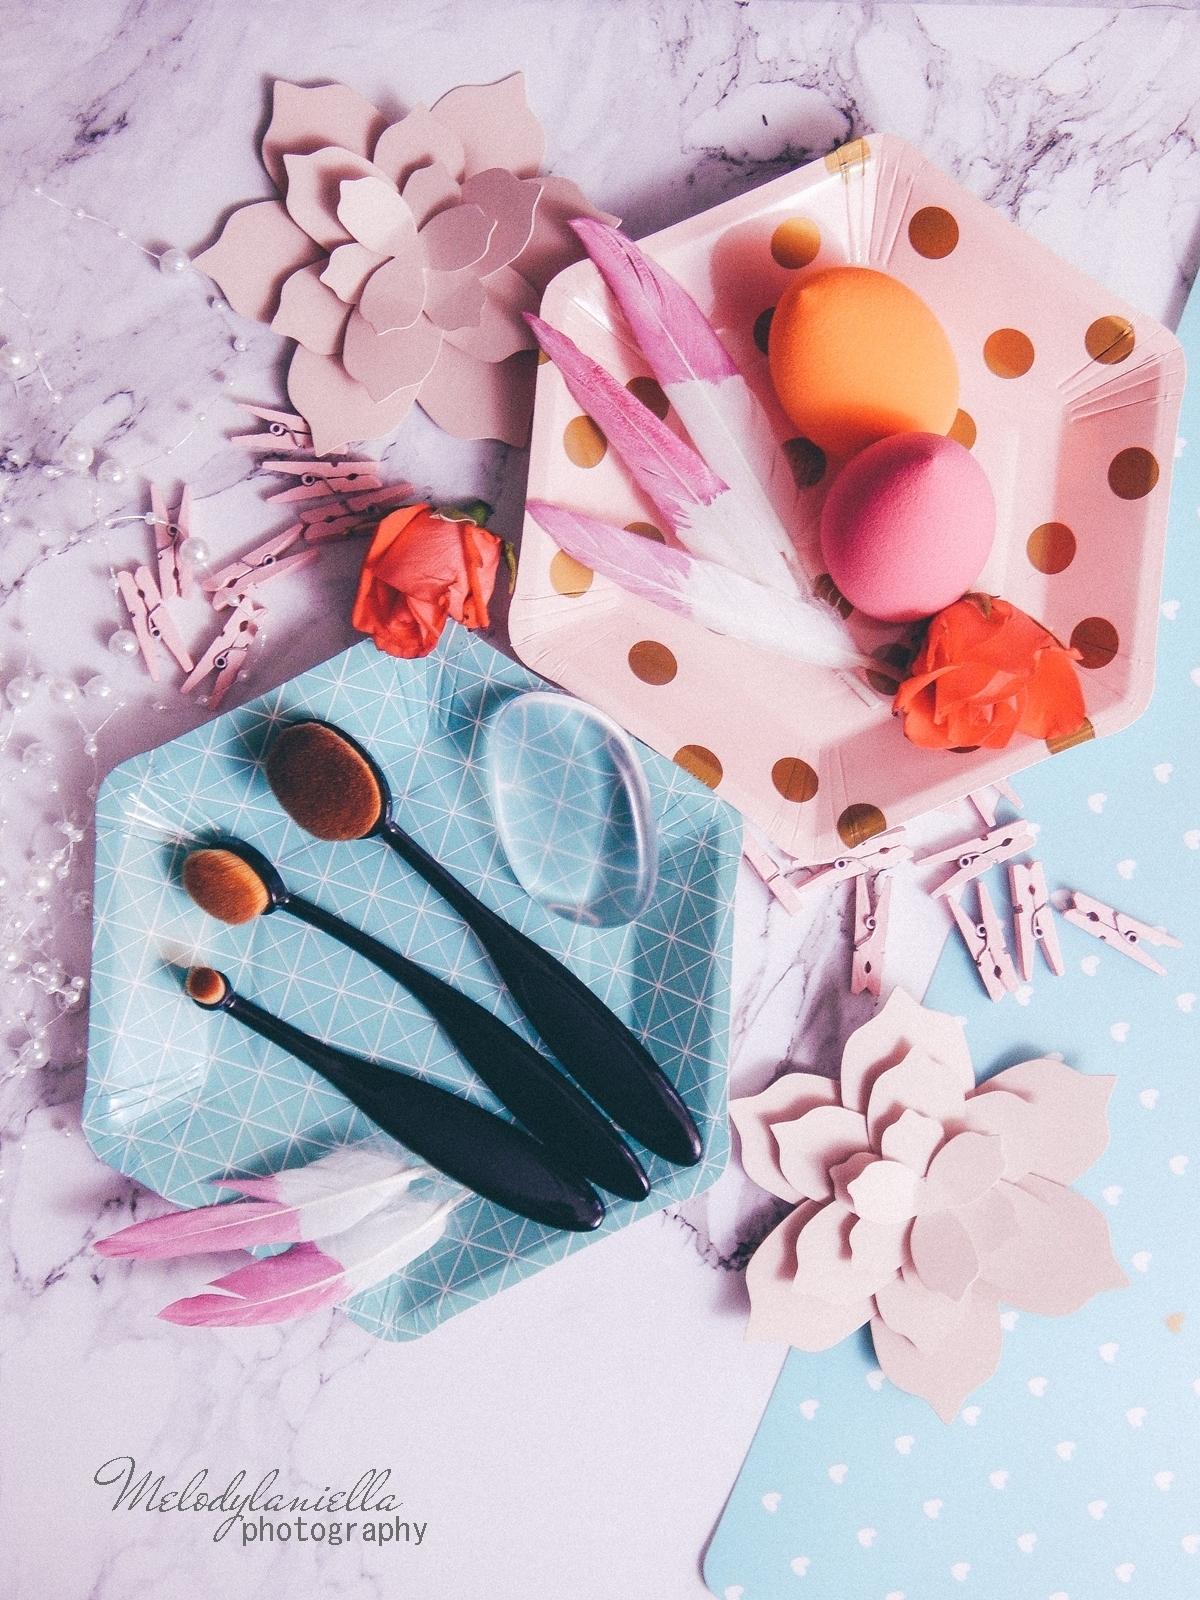 1 clavier gąbka do makijażu blending sponge szczoteczka do aplikacji cieni bazy korektora rozświetlacza bronzera silikonowa gąbeczka do makijażu czym się malować akcesoria kosmetyczne pędzle do makijażu gąbki